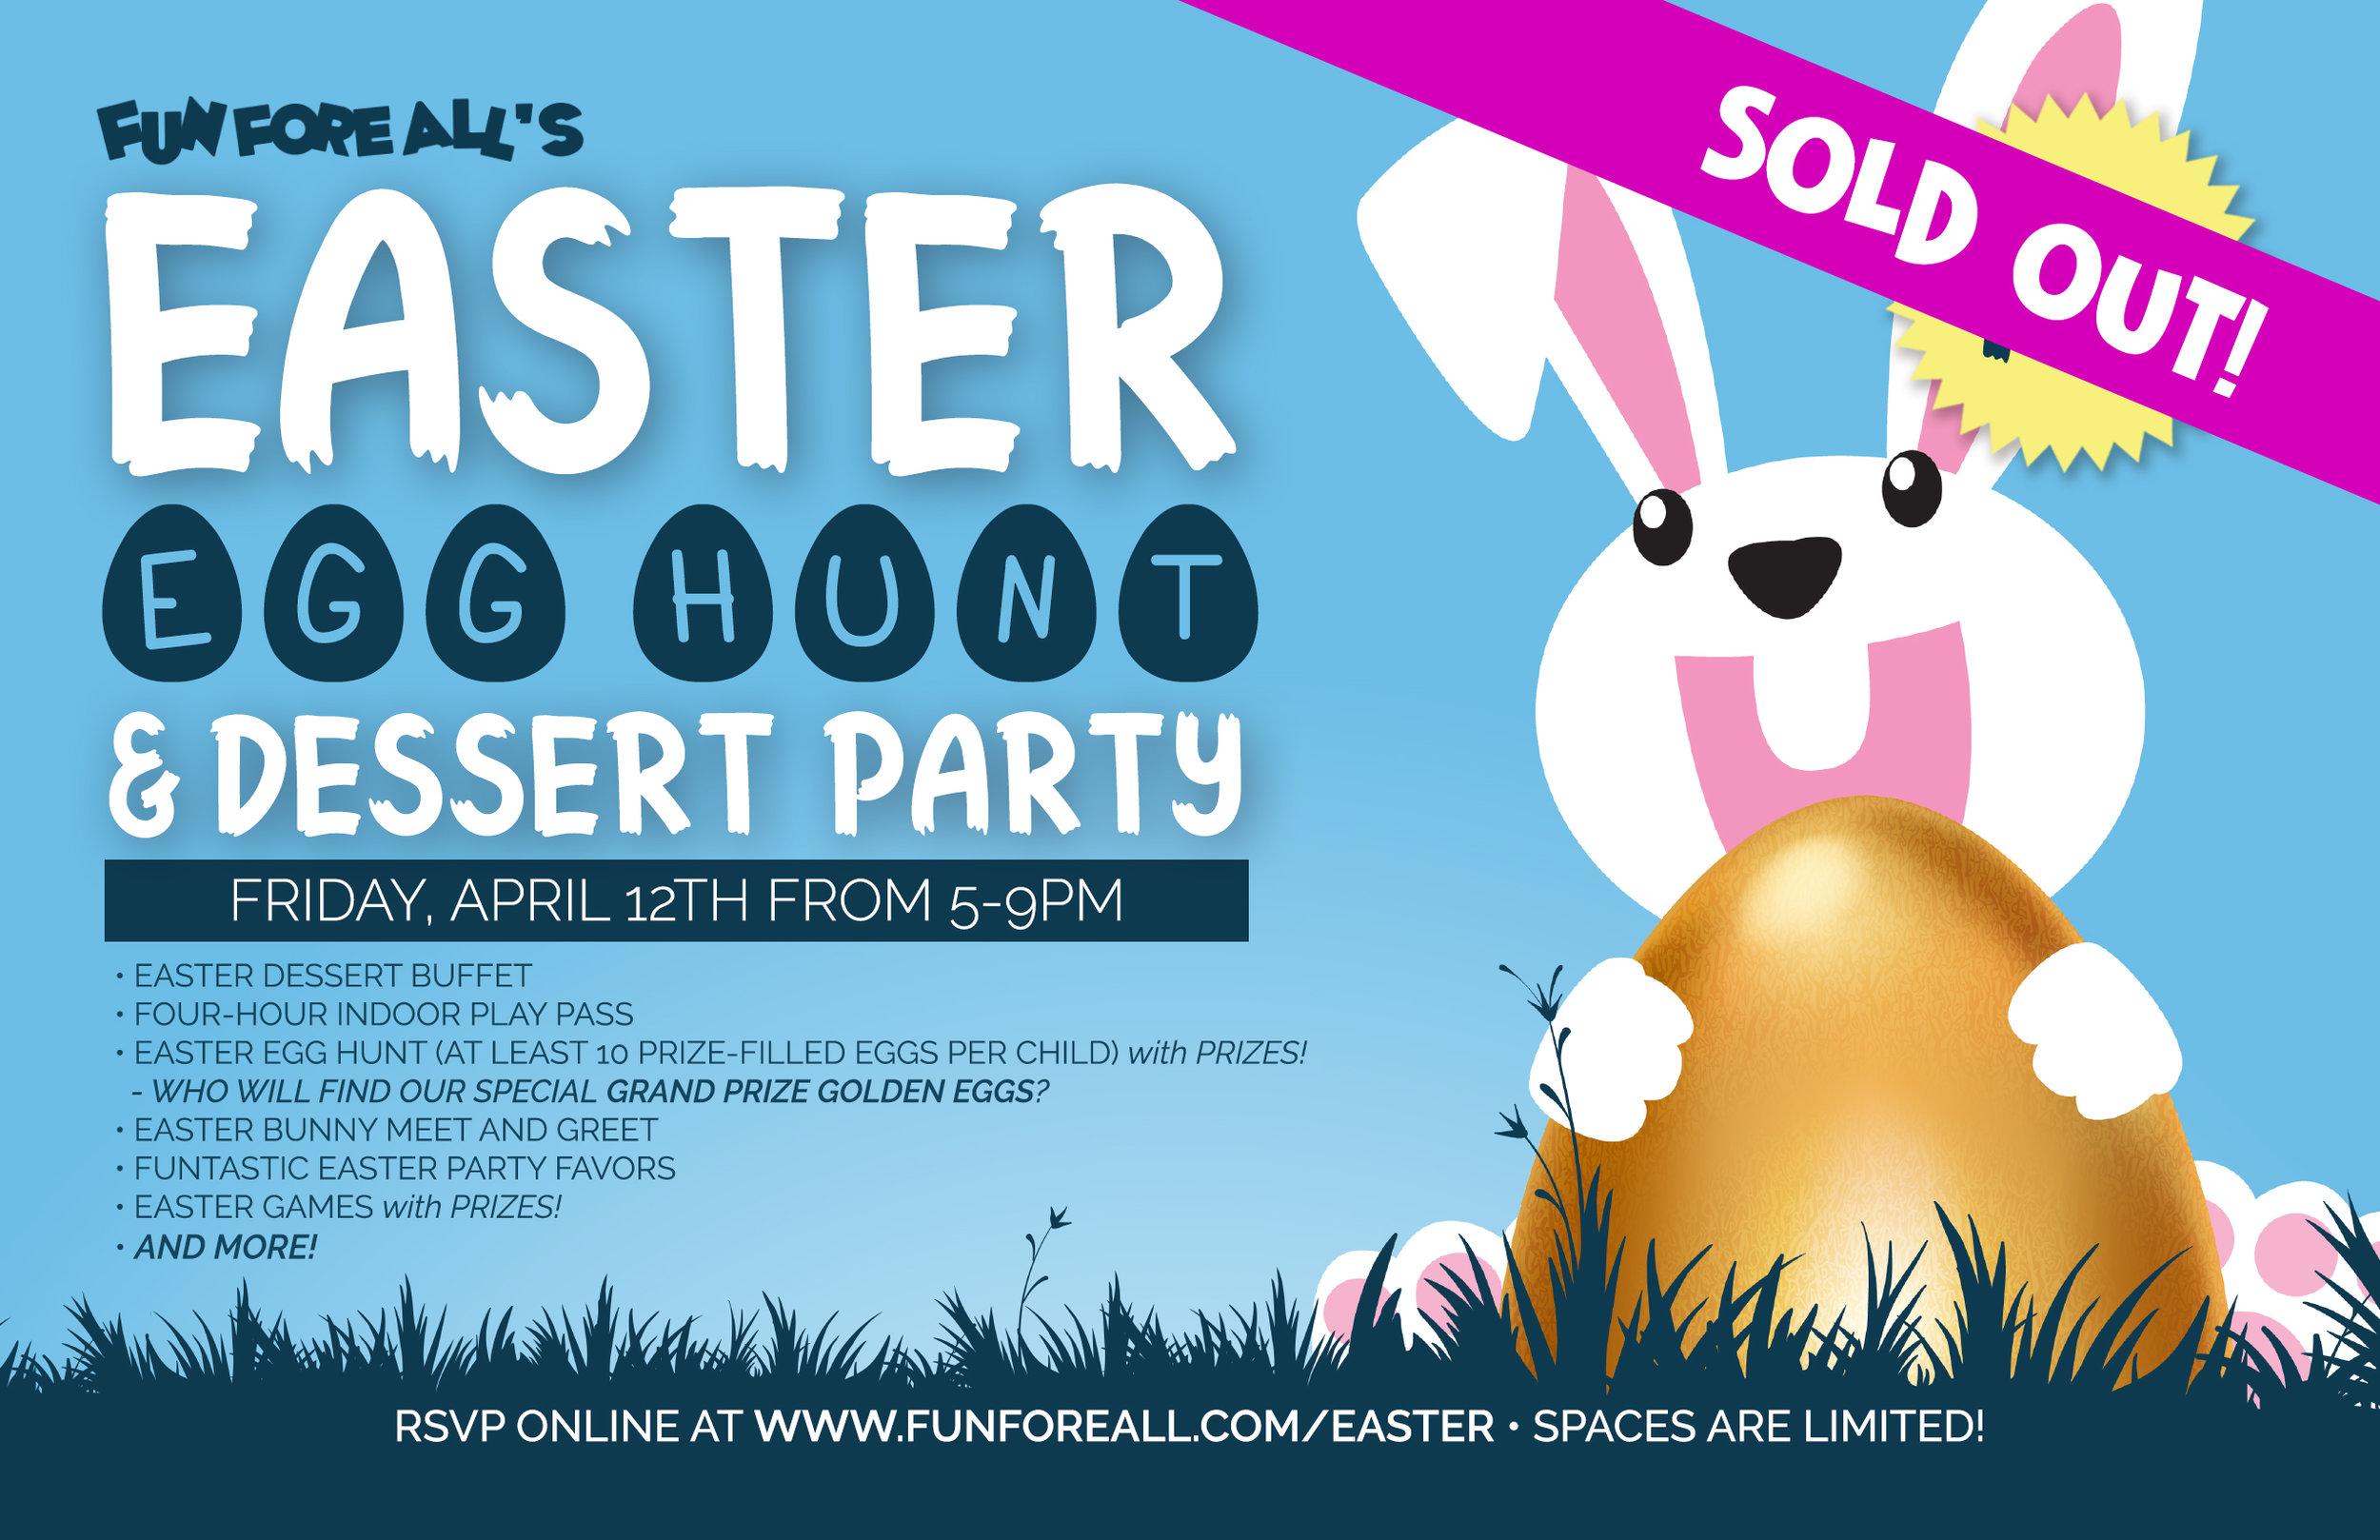 Easter Egg Hunt Flyer Print 2019 SOLD OUT.jpg